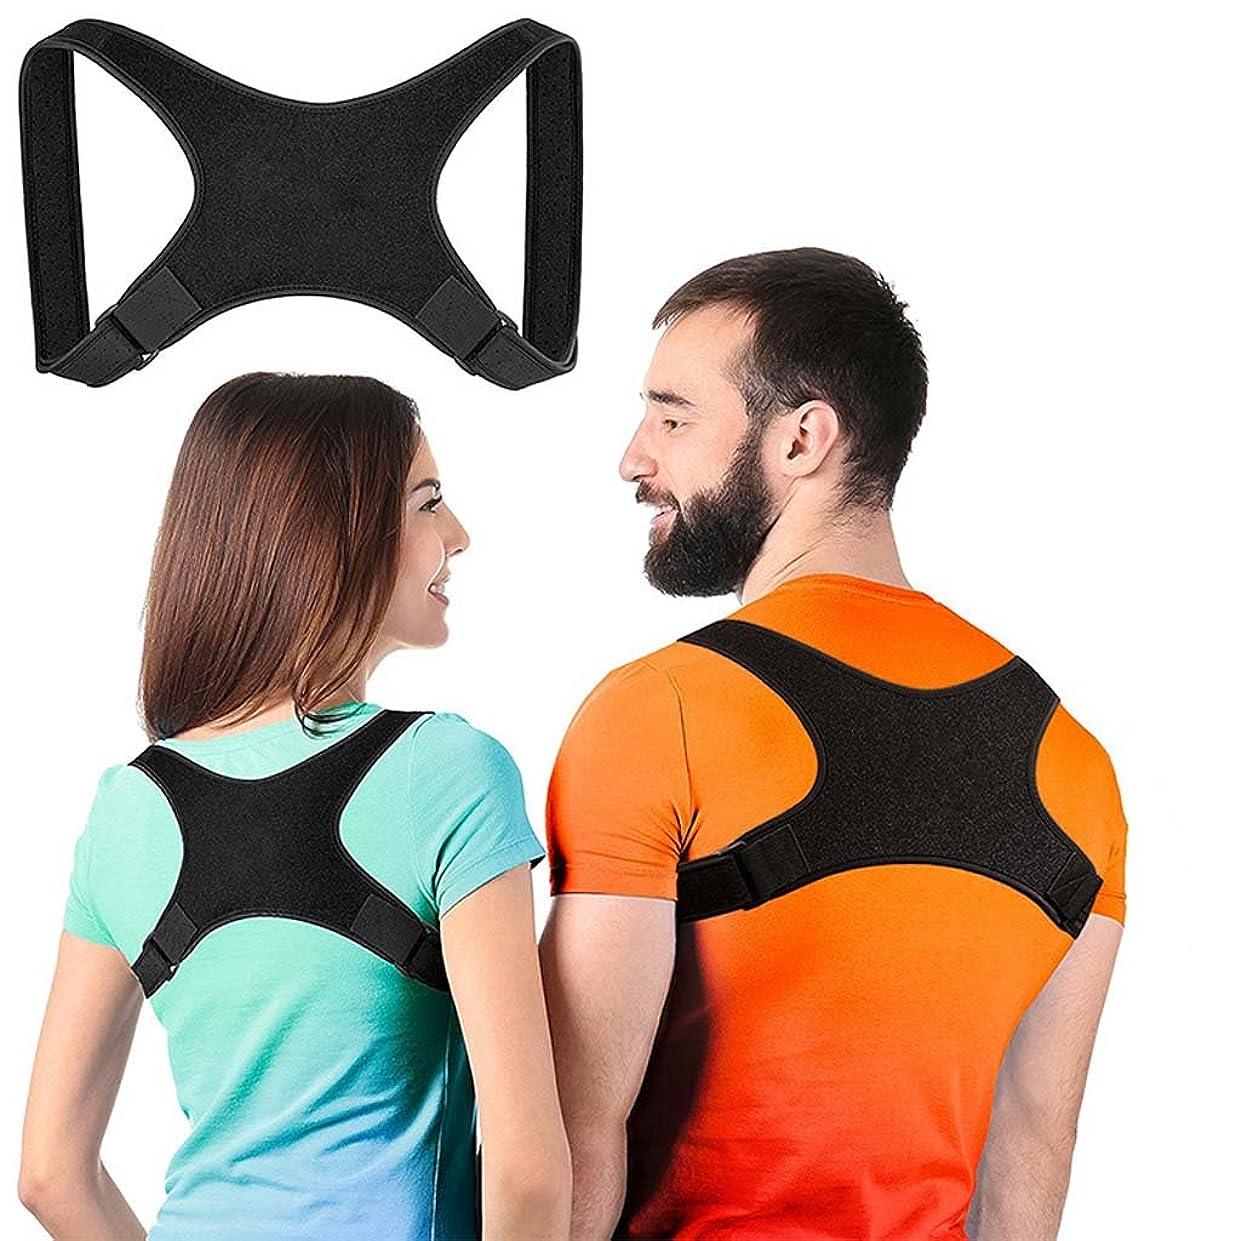 あそこ寄り添う寄り添う男性と女性のユニバーサルバック姿勢補正装置、補正ベルト、腰痛緩和